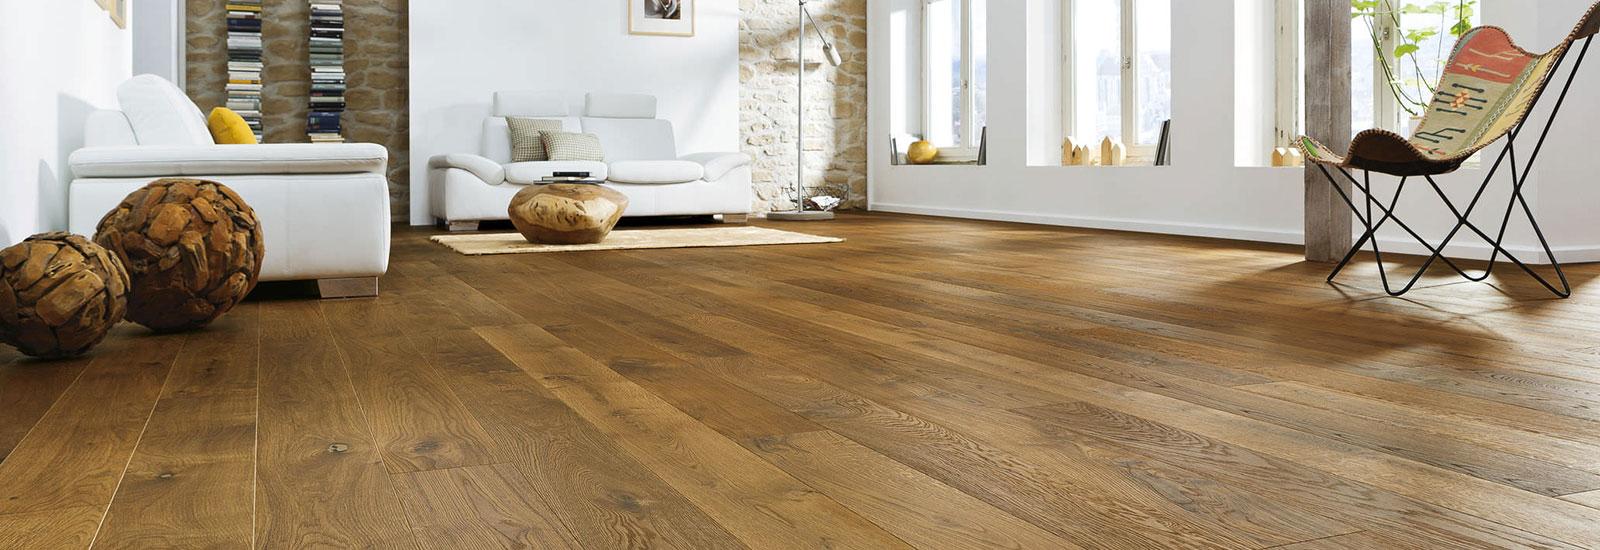 Itlas pavimenti in legno